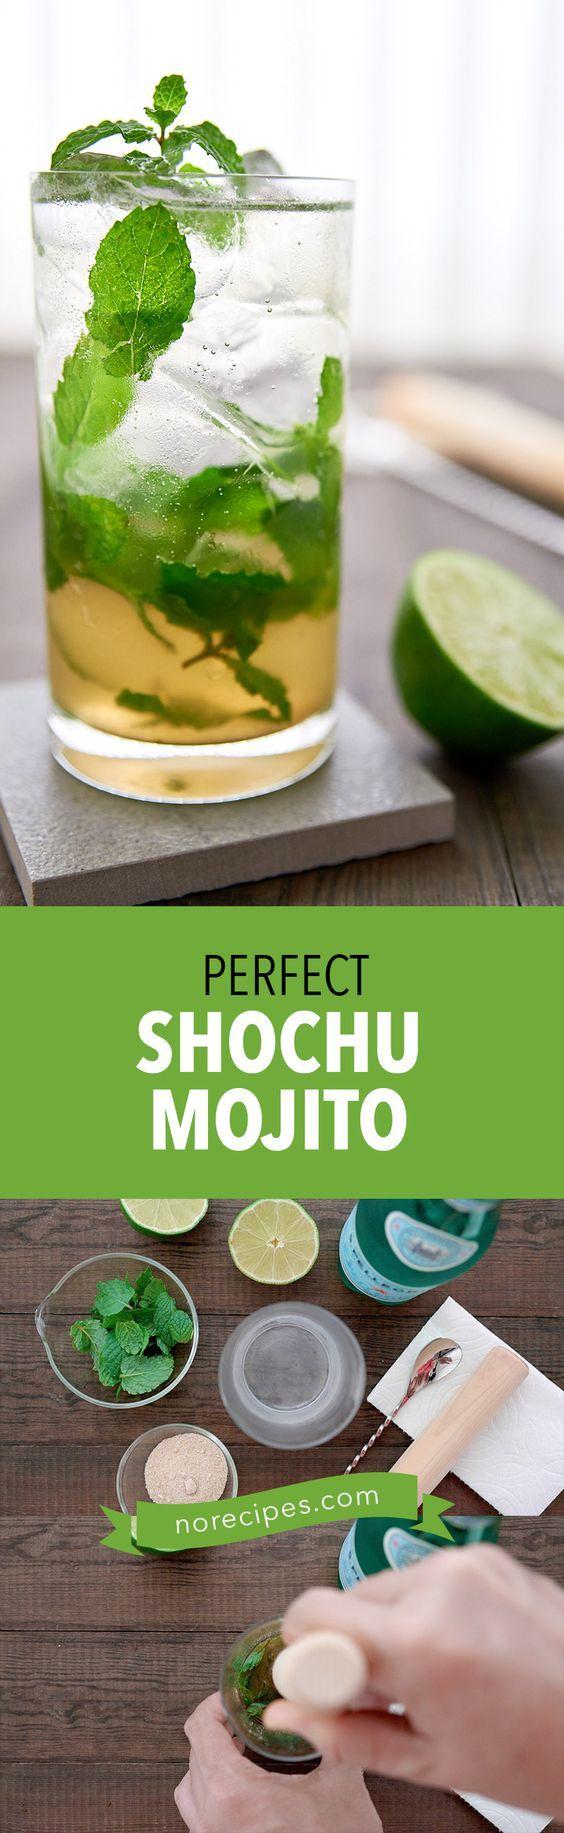 Shochu Mojito Recipe Step By Step Mojito Video Shochu Easy Drink Recipes Mojito Recipe